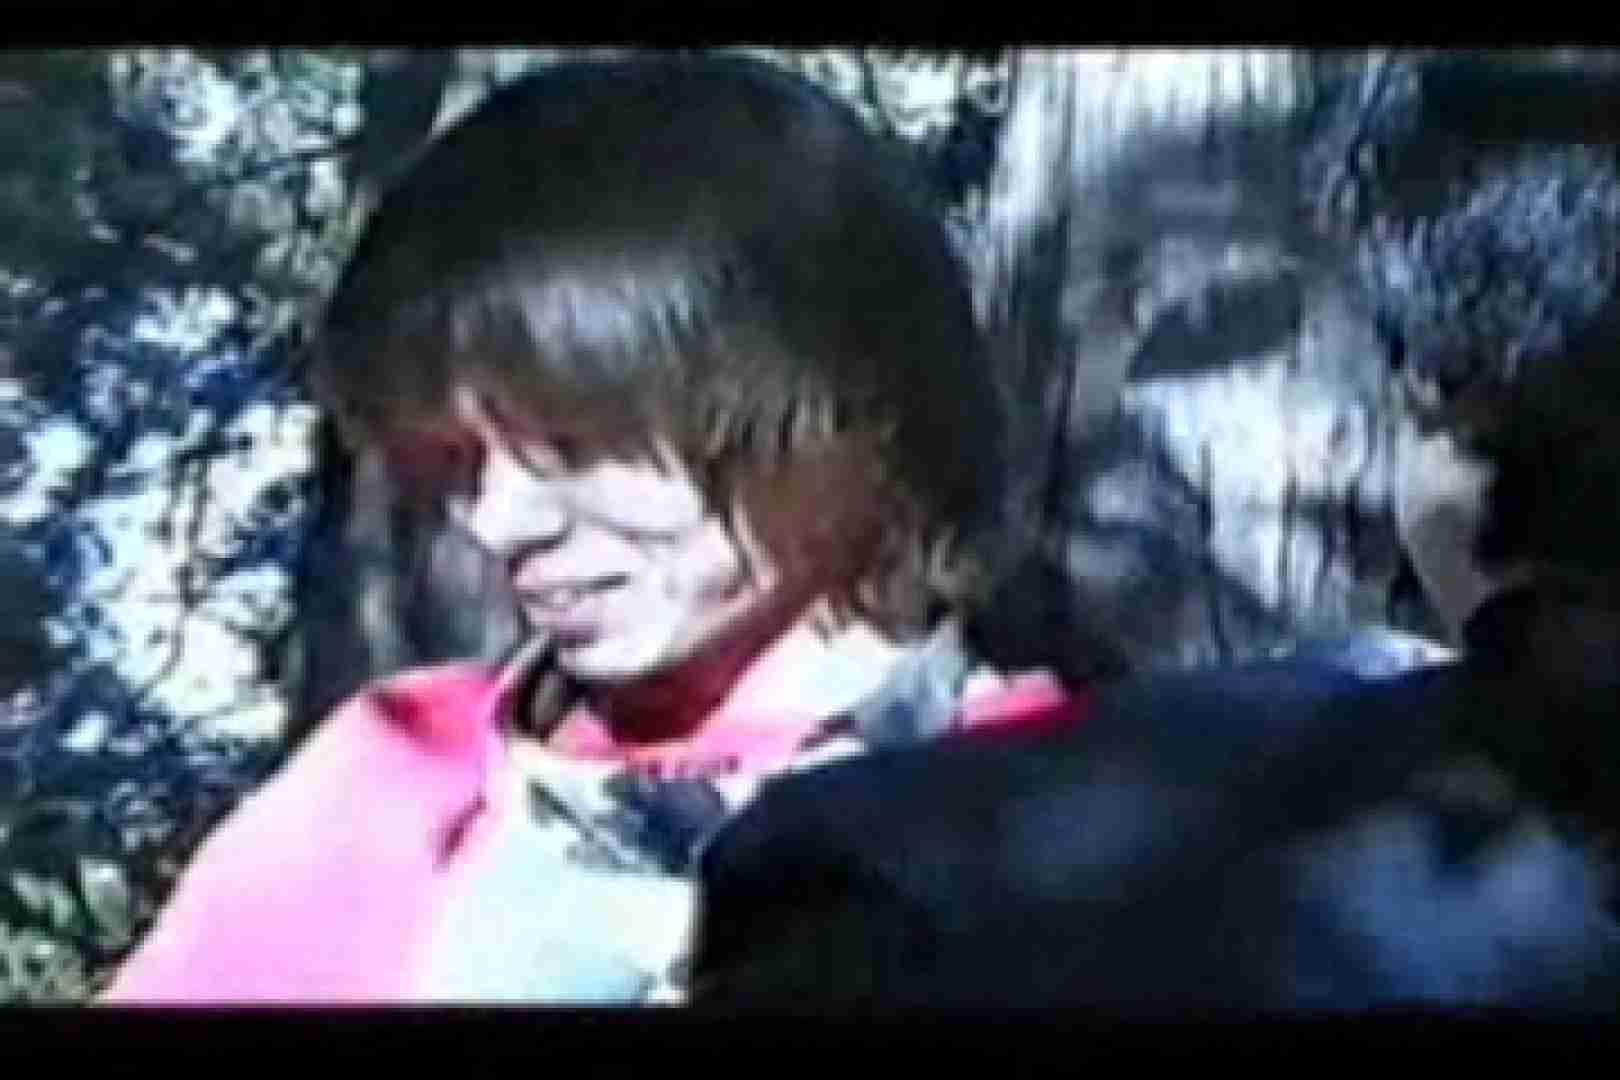 オールドゲイシリーズ  美少年ひかるのオープンファック オナニー ゲイヌード画像 46pic 27